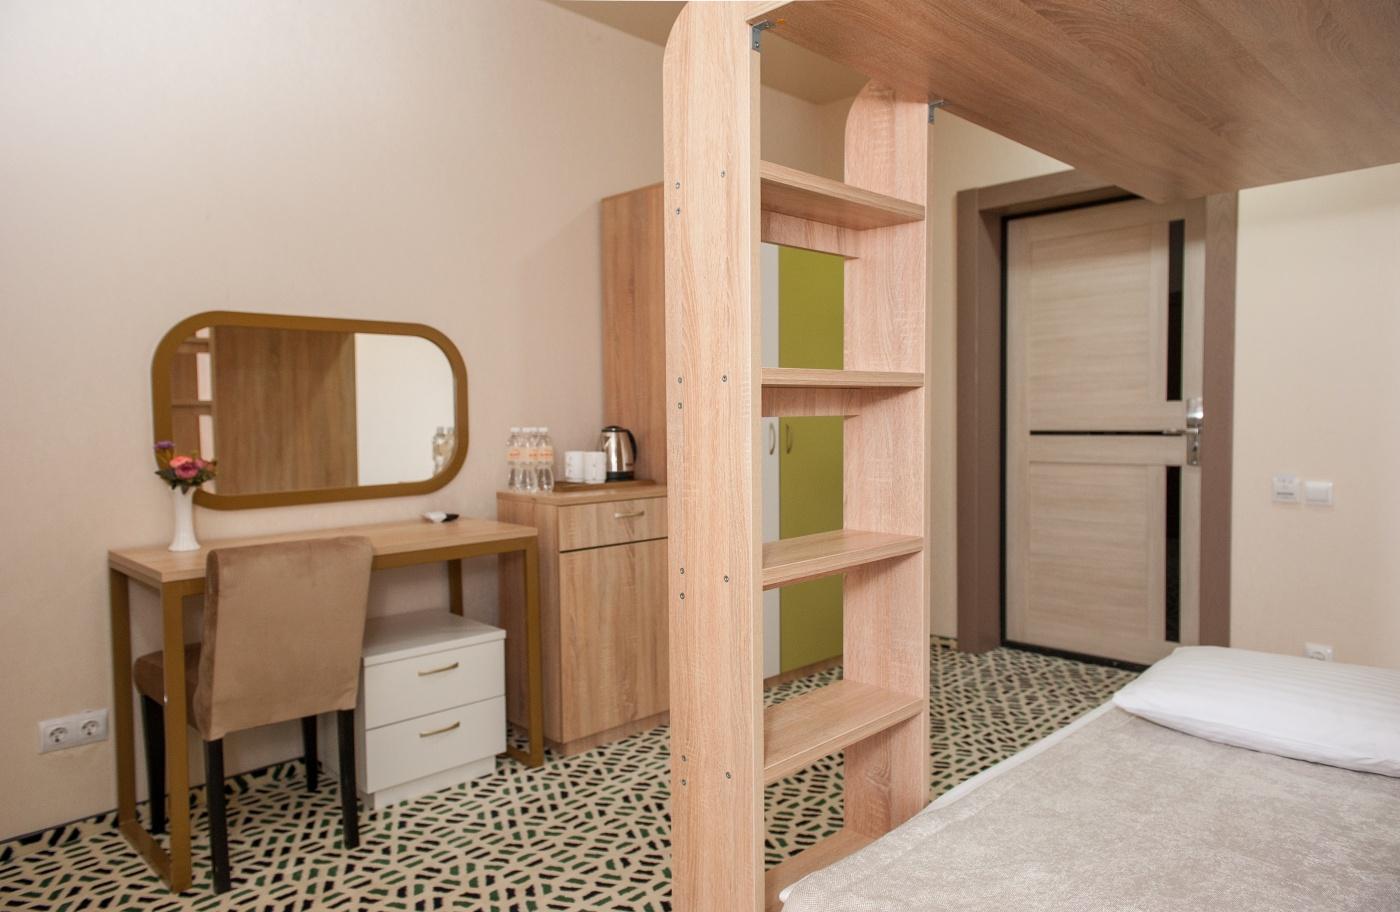 Отель «Aurum Family Resort & Spa» Краснодарский край Superior 2-местный , фото 4